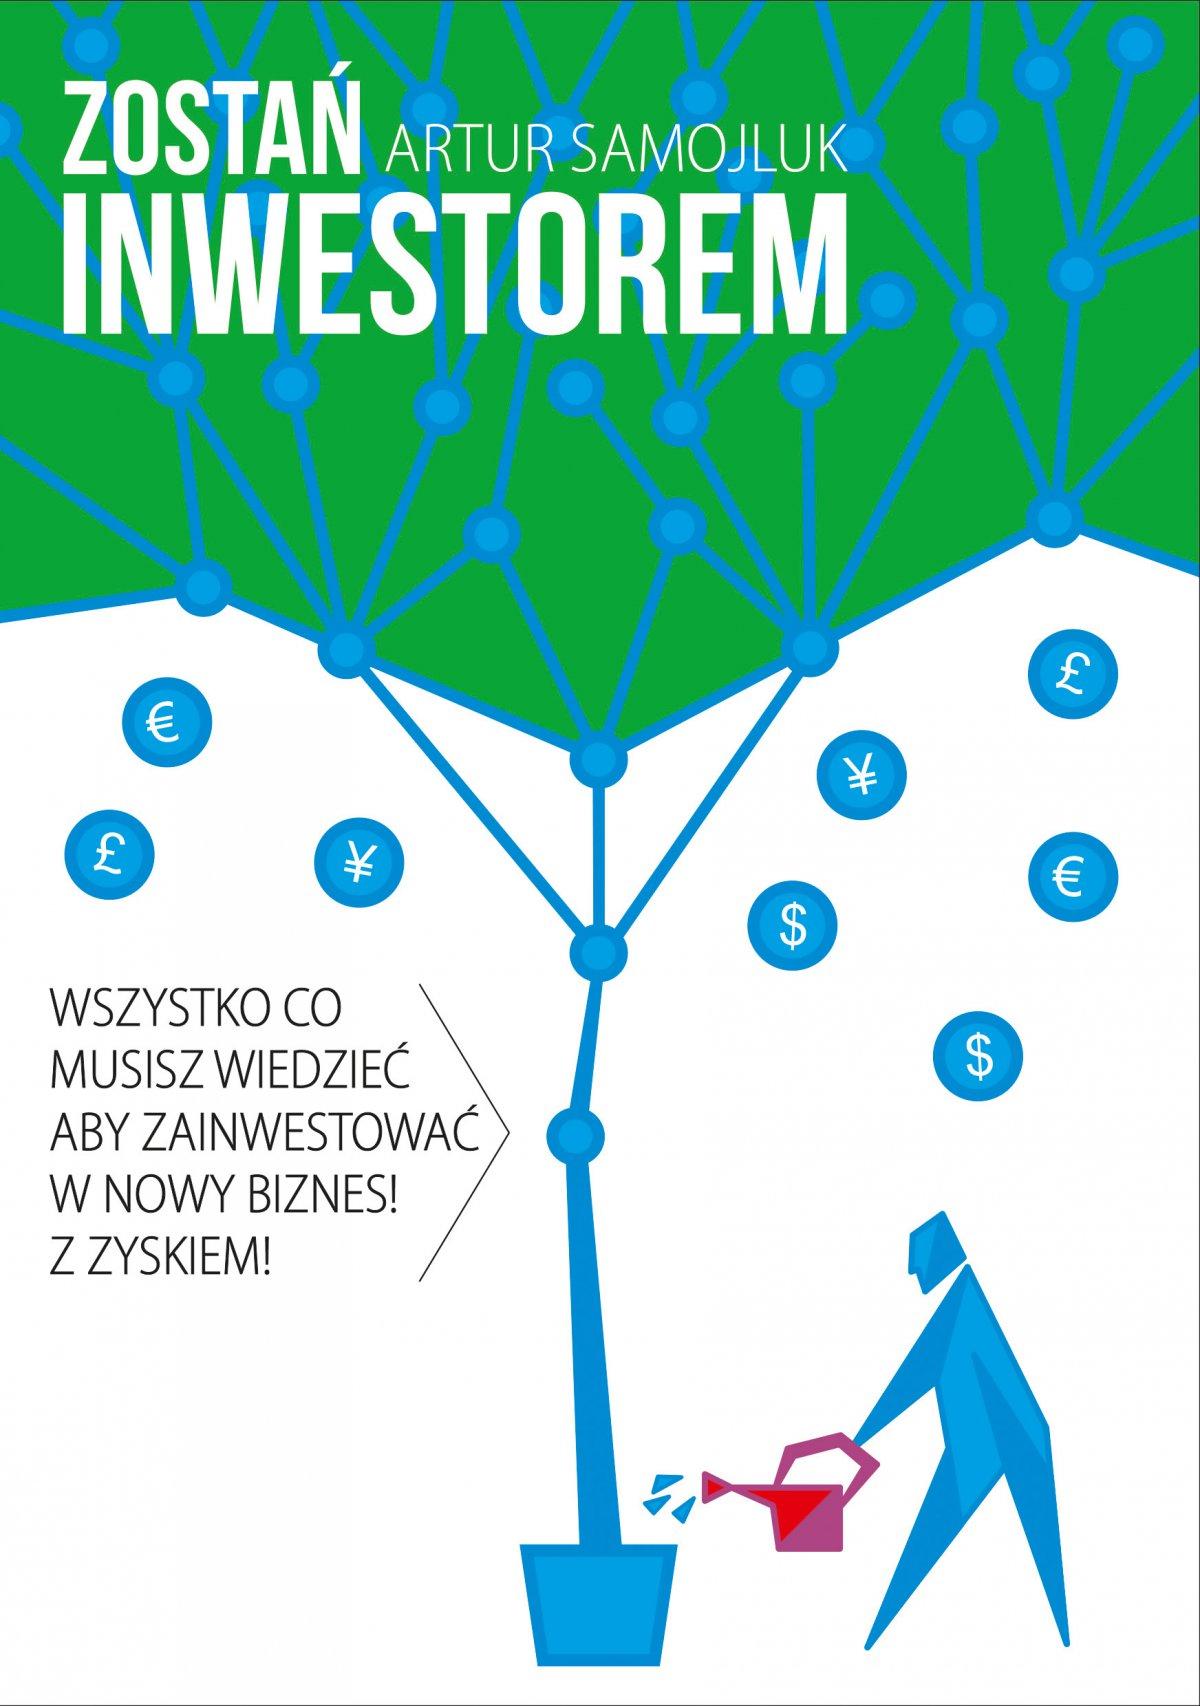 Zostań inwestorem czyli sztuka podejmowania dobrych decyzji finansowych - Ebook (Książka EPUB) do pobrania w formacie EPUB